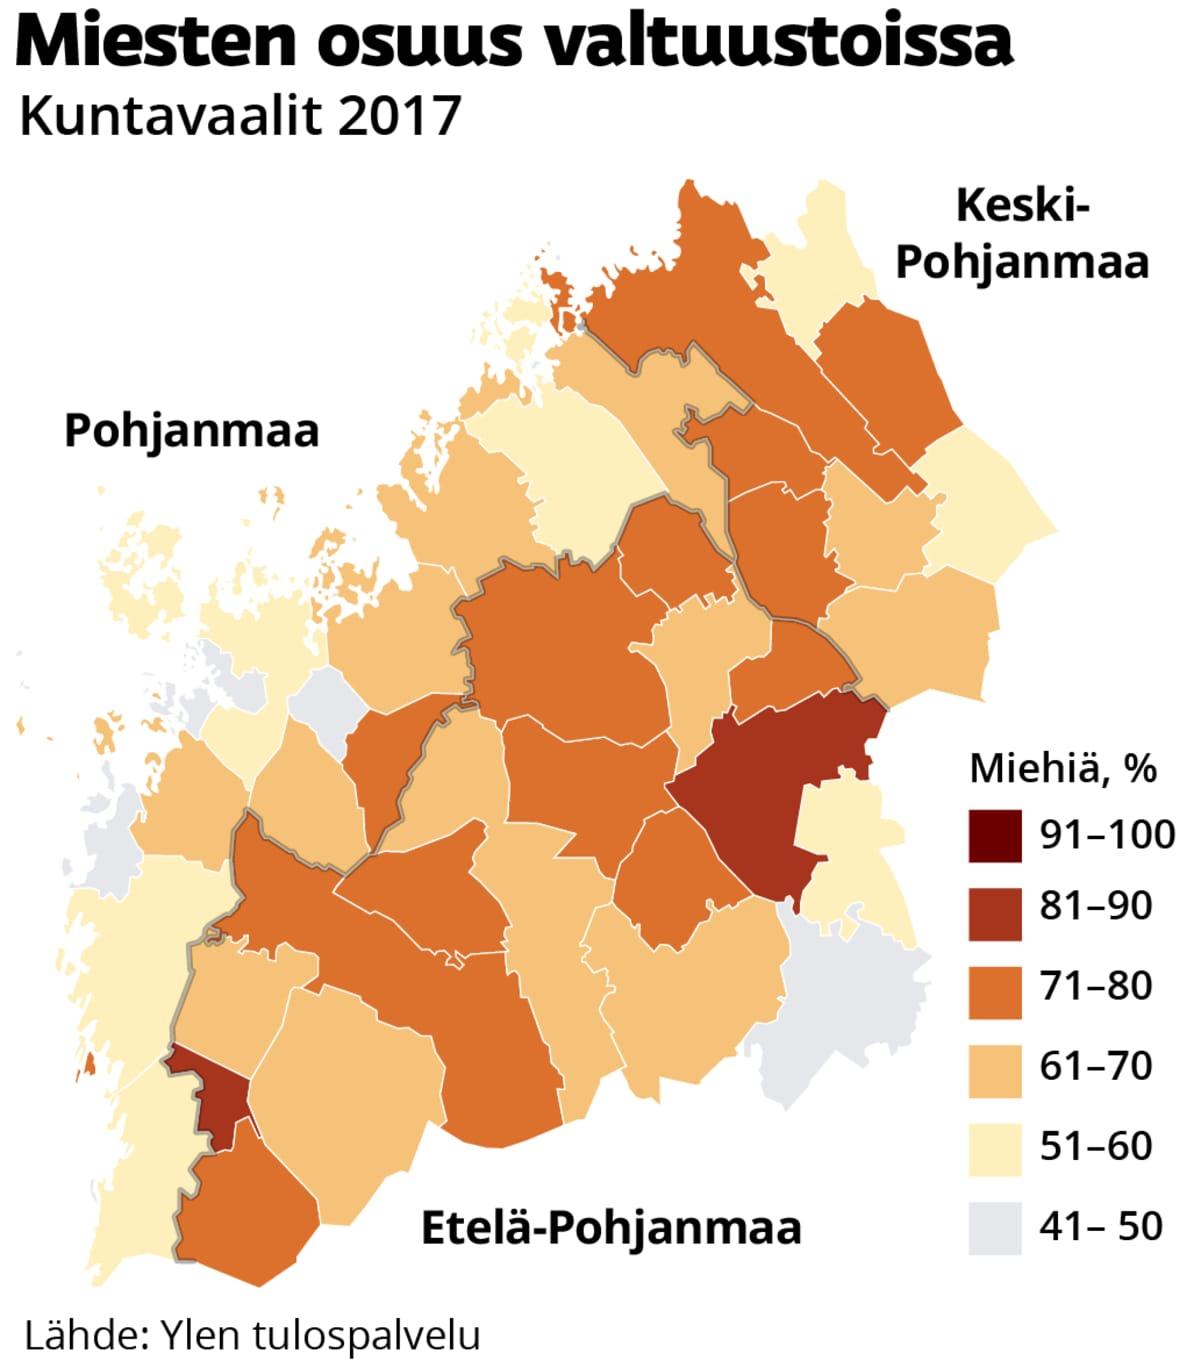 Pohjanmaan maakuntien kuntien valtuustujen miestenosuus koropleettikarttana vuonna 2017.